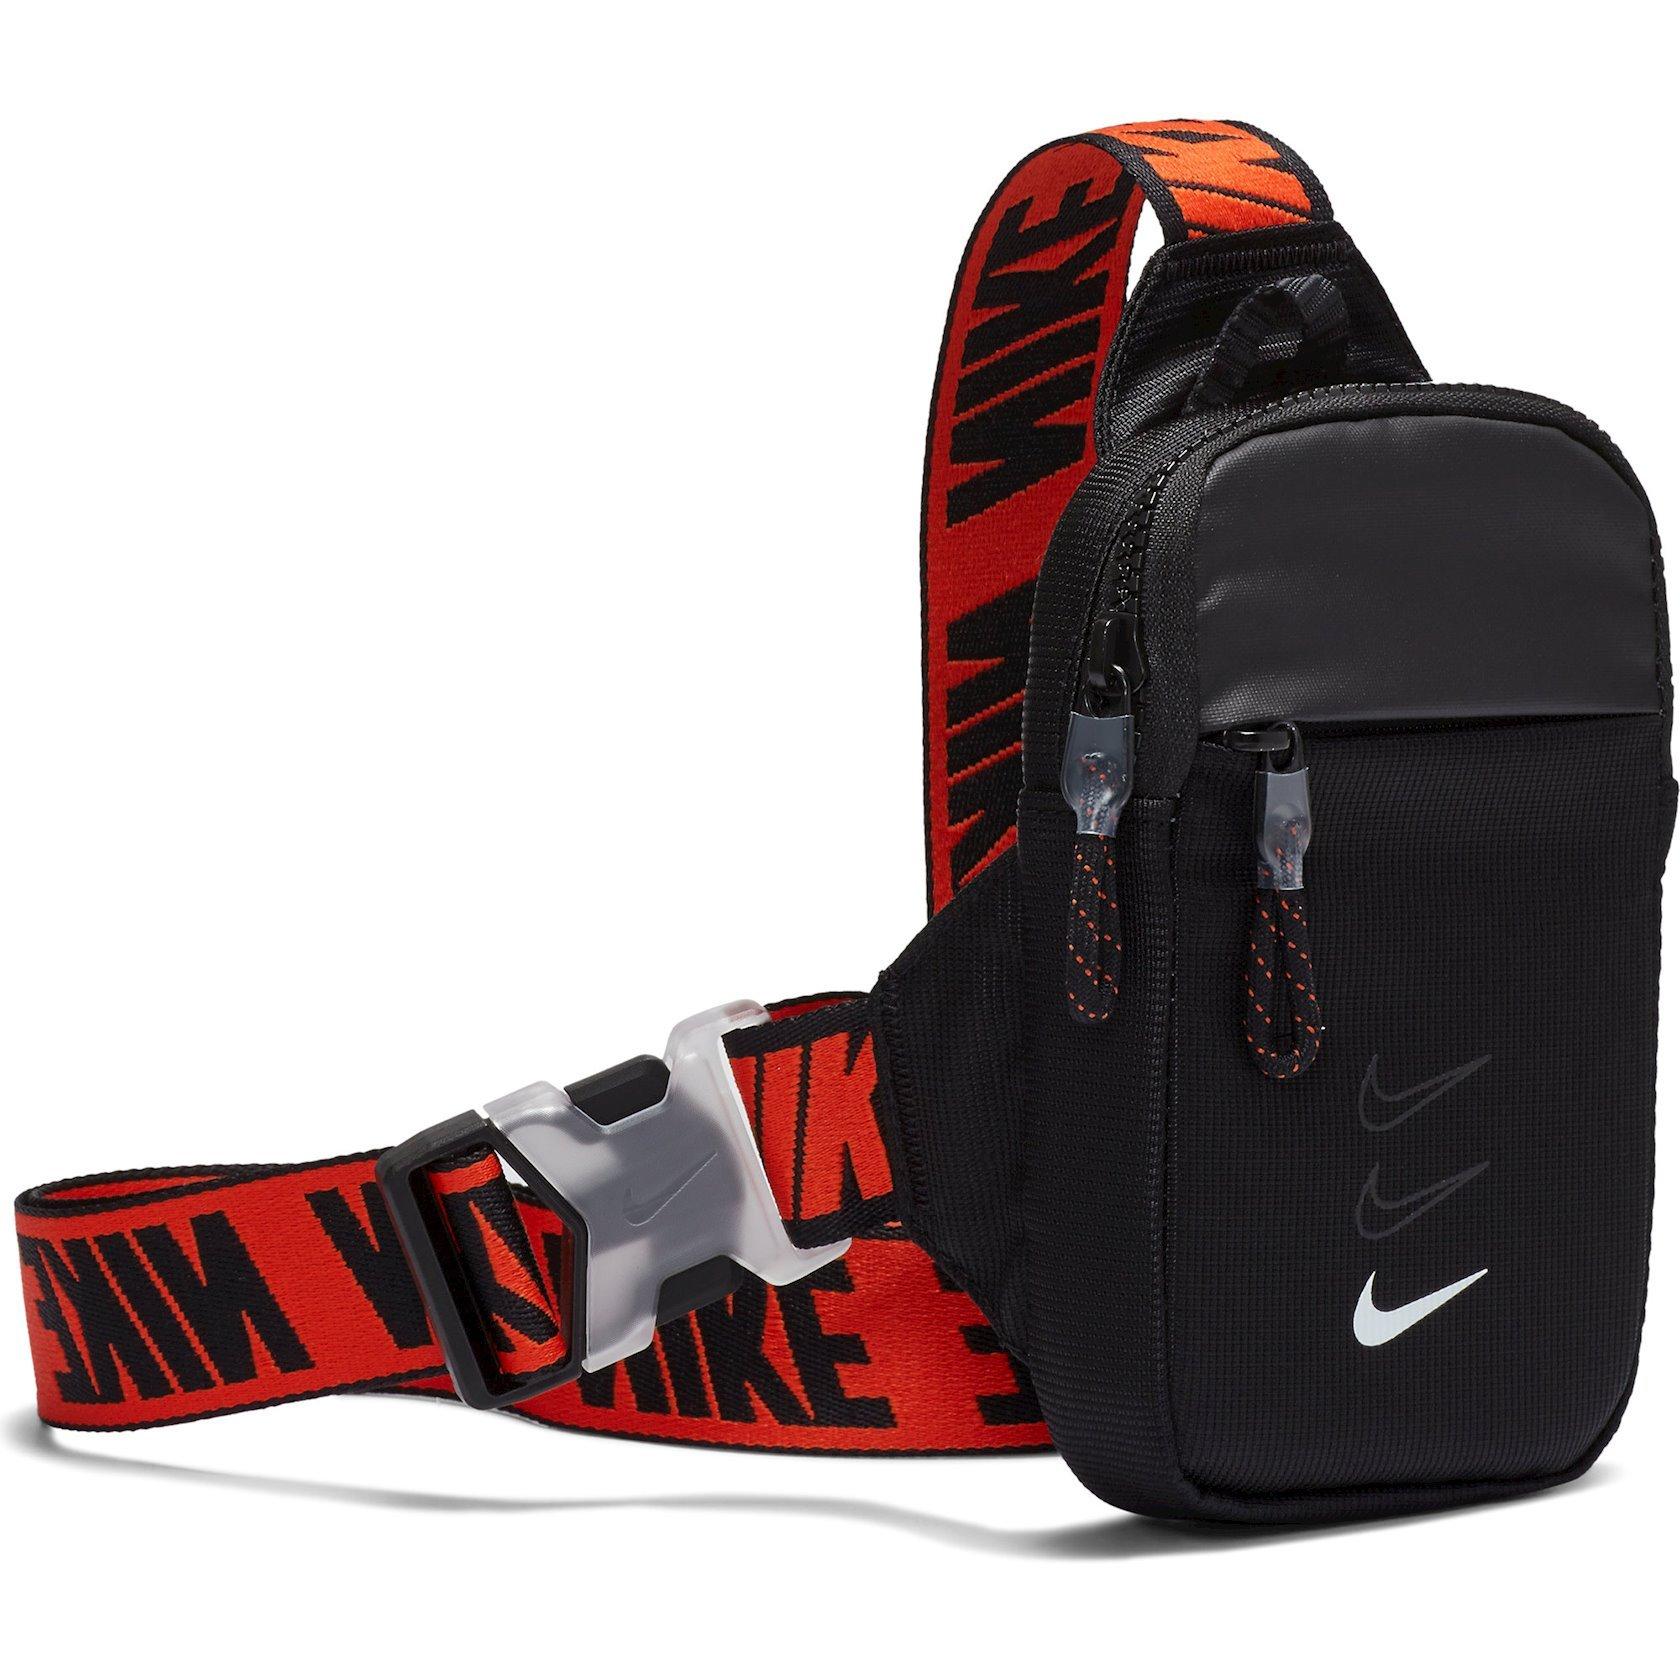 Kəmər çantası Nike Nk Sprtswr Essentials S Hip P BA5904-010, Uniseks, Neylon+Polyester, Qara, 18sm x 10sm x 5sm